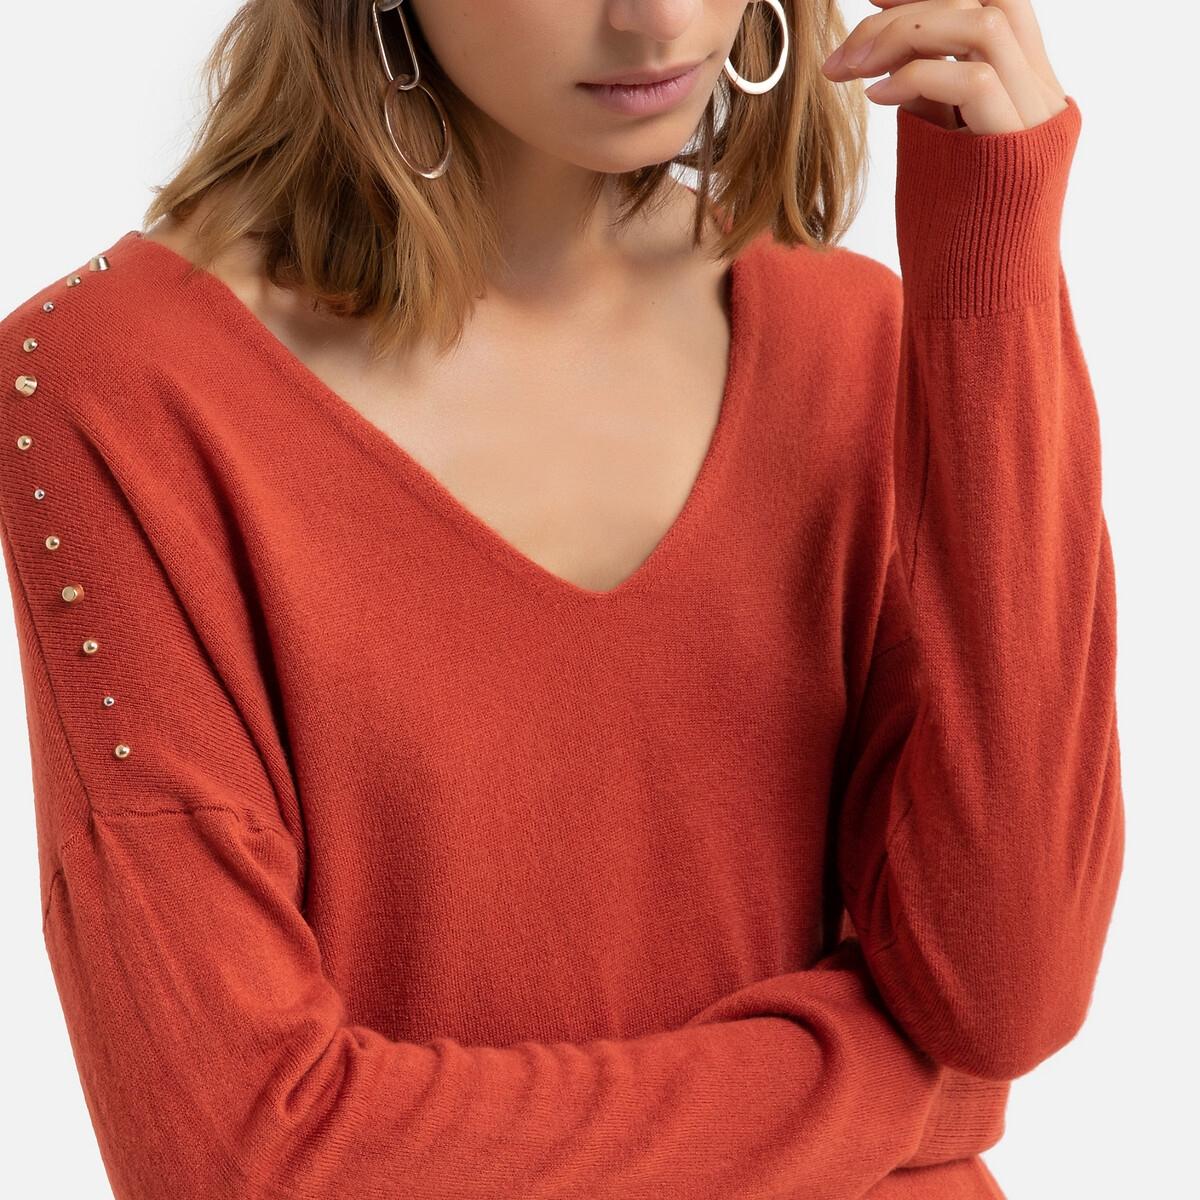 Фото - Пуловер La Redoute С V-образным вырезом из тонкого трикотажа с украшениями XS оранжевый пуловер la redoute с v образным вырезом из тонкого трикотажа florestine 2 m серый